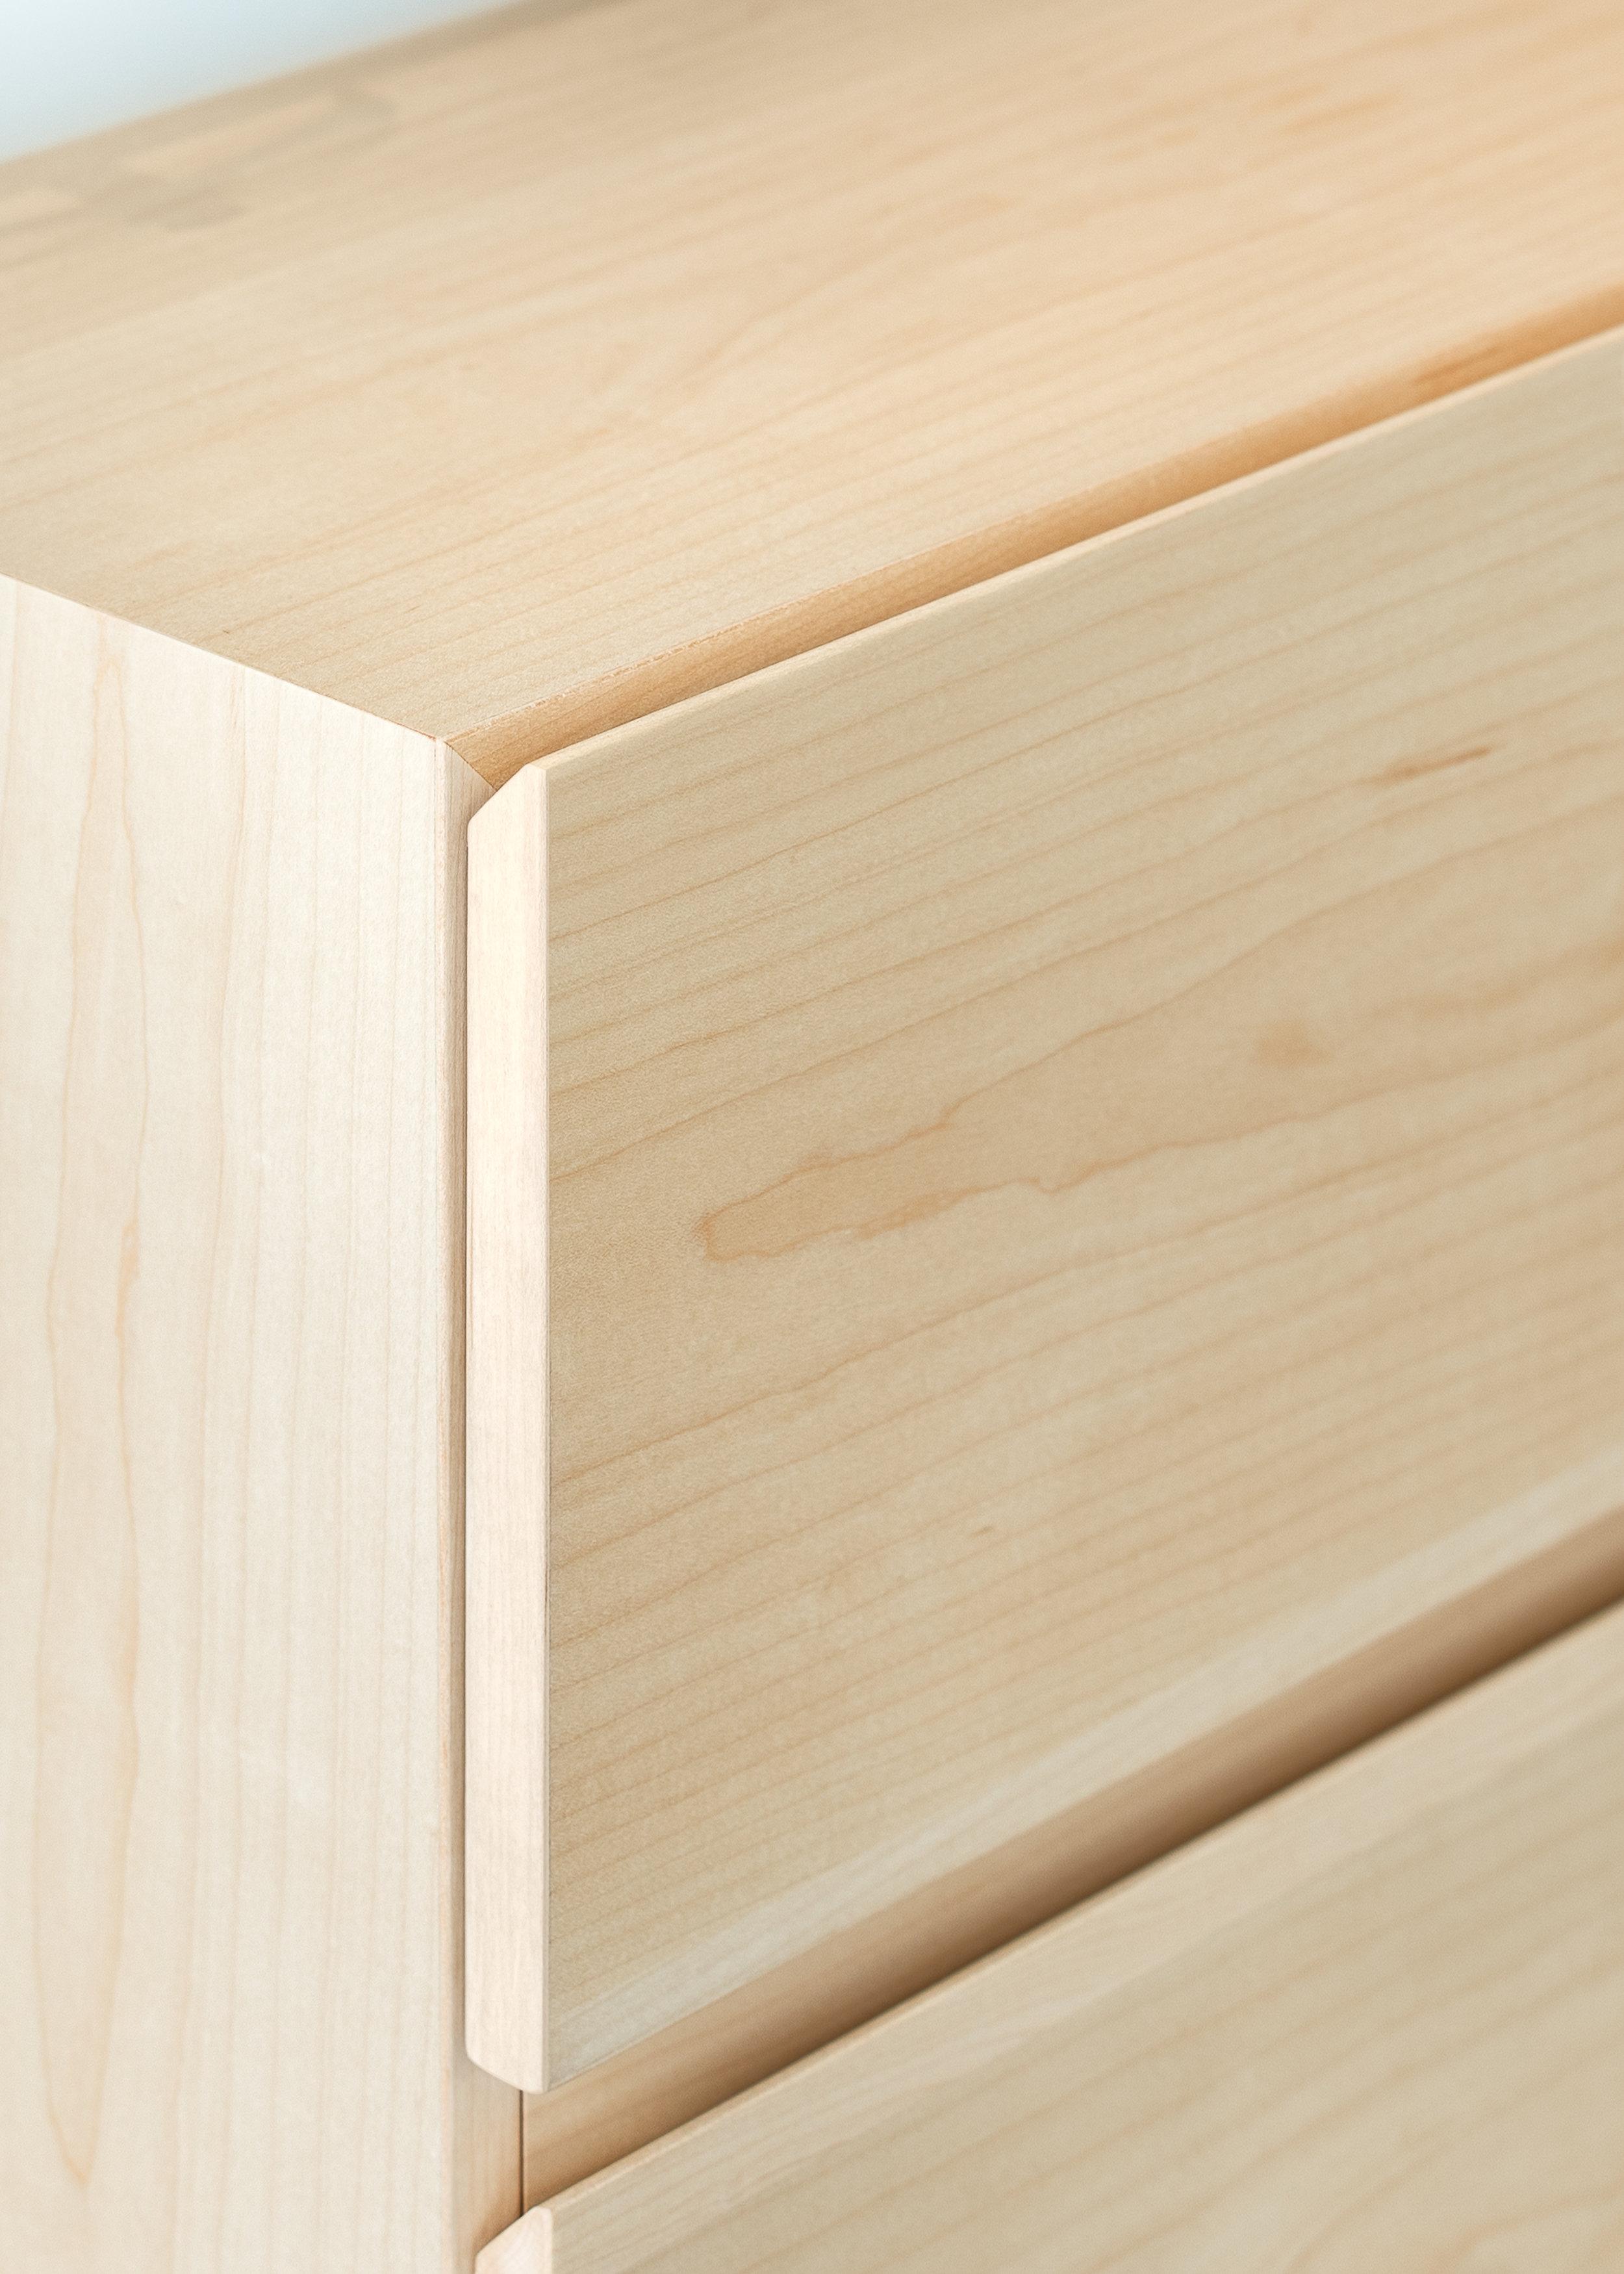 Michael Holmes_sideboard detail.jpg